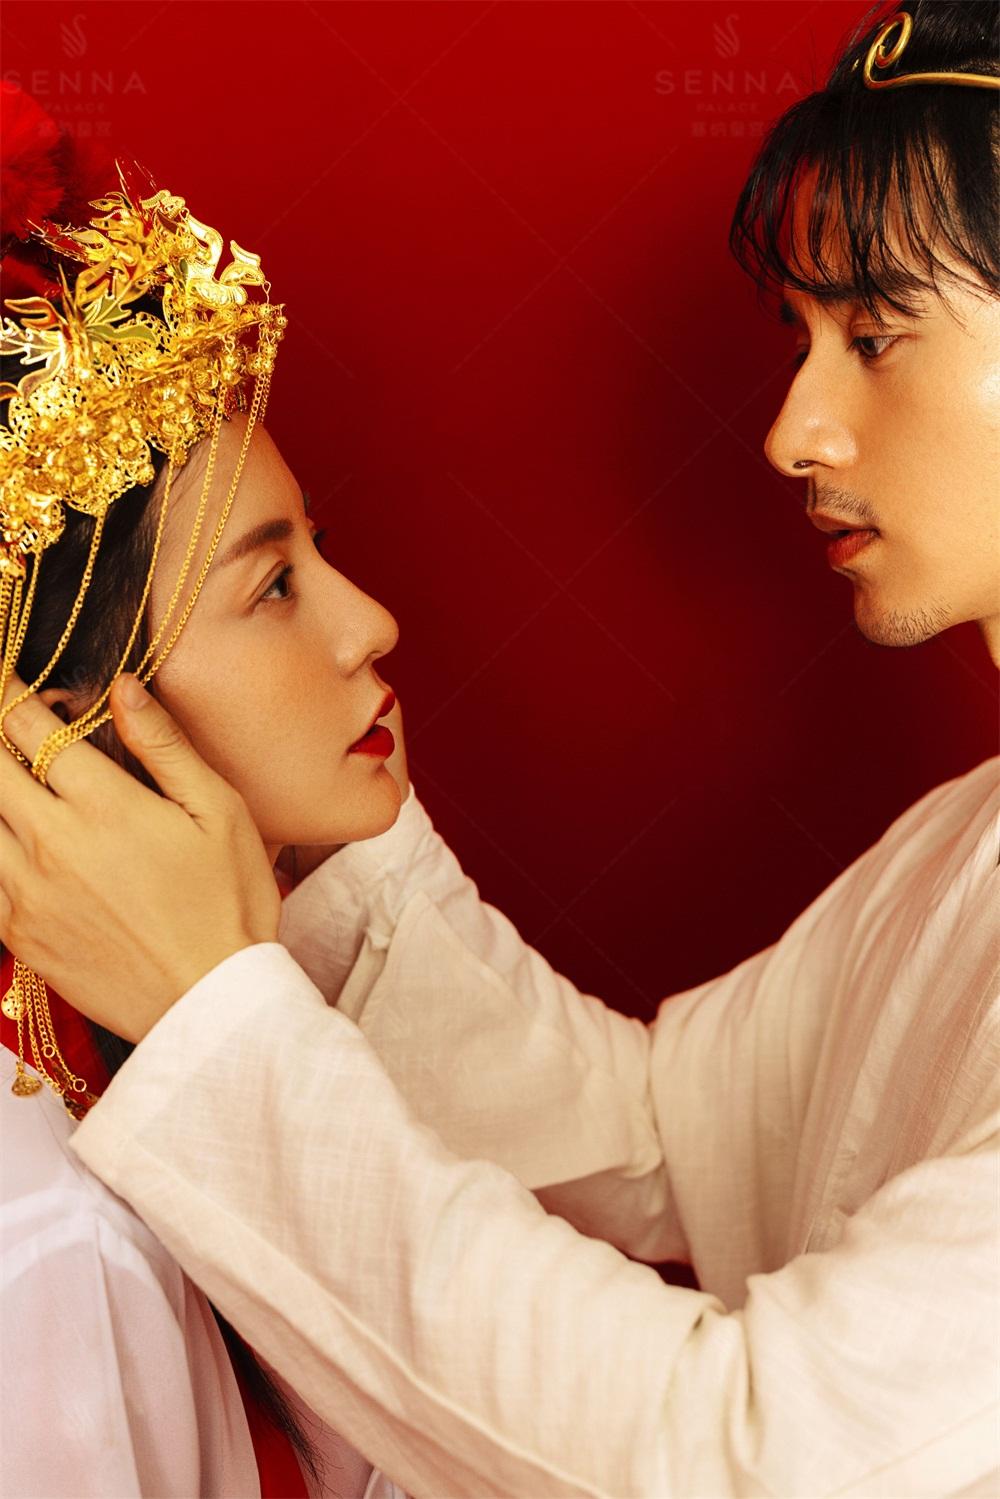 中国新娘-大话西游